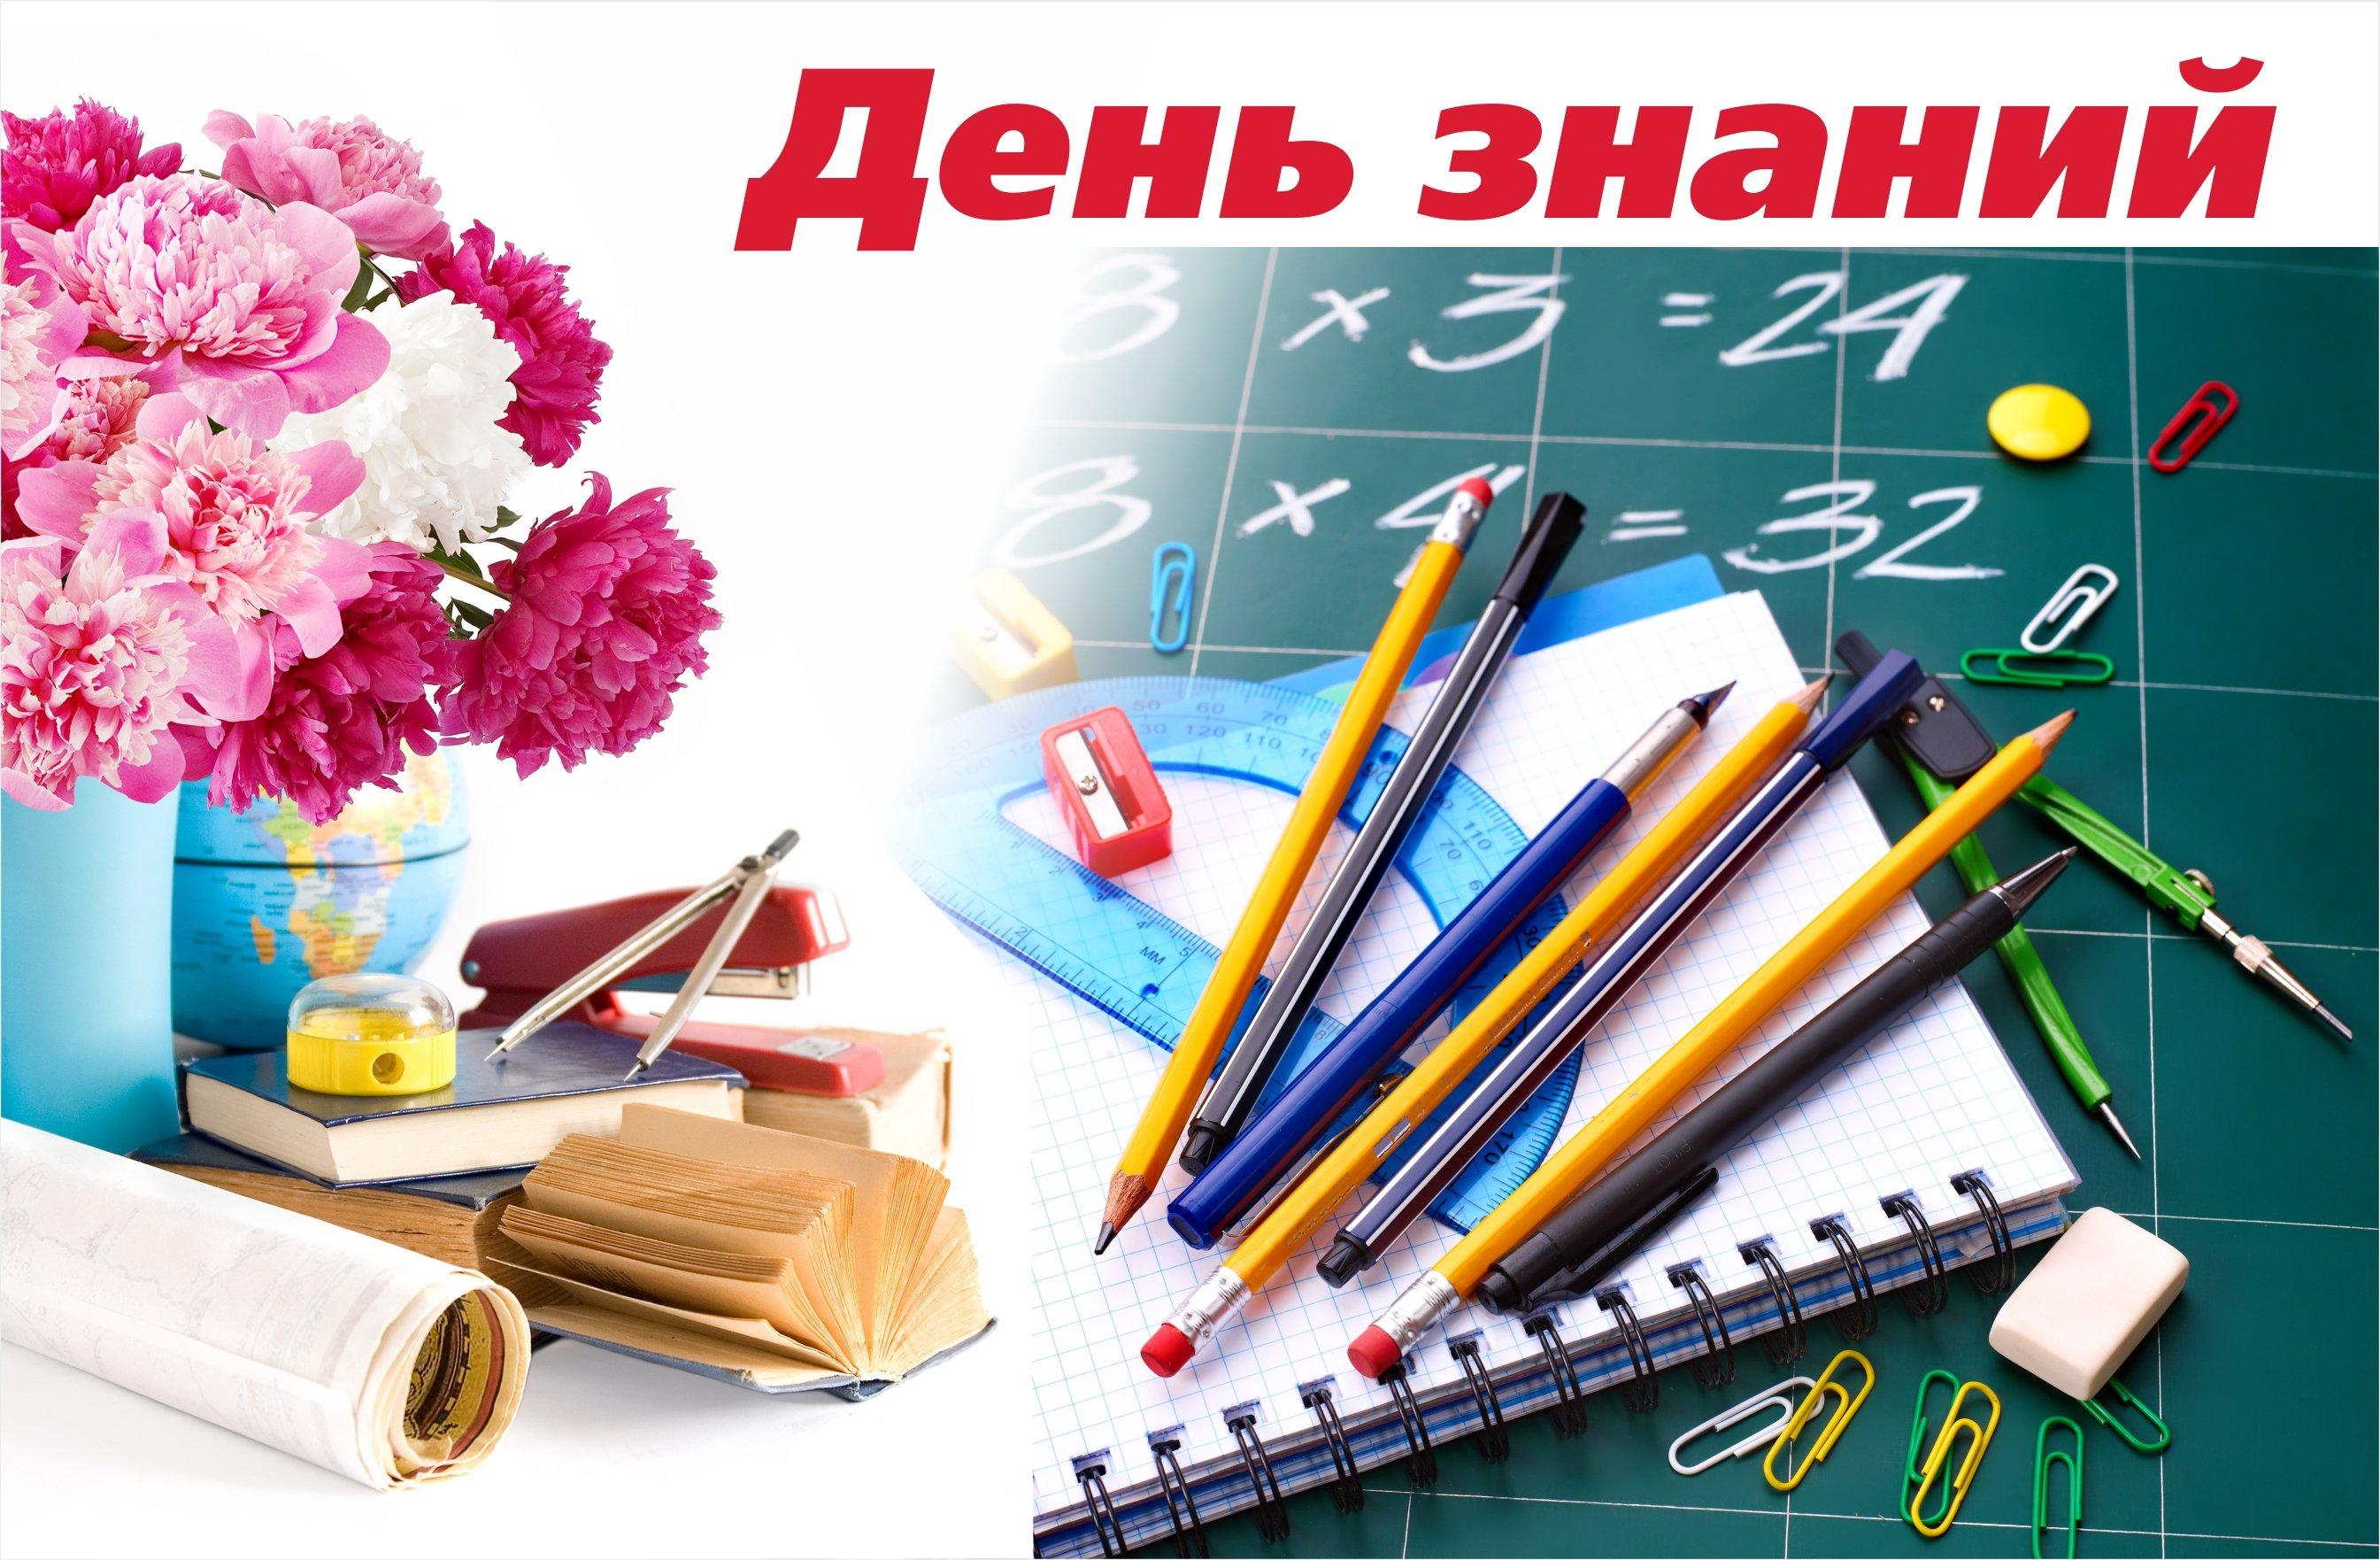 Поздравление с Днем Знаний, 1 сентября 2016 года